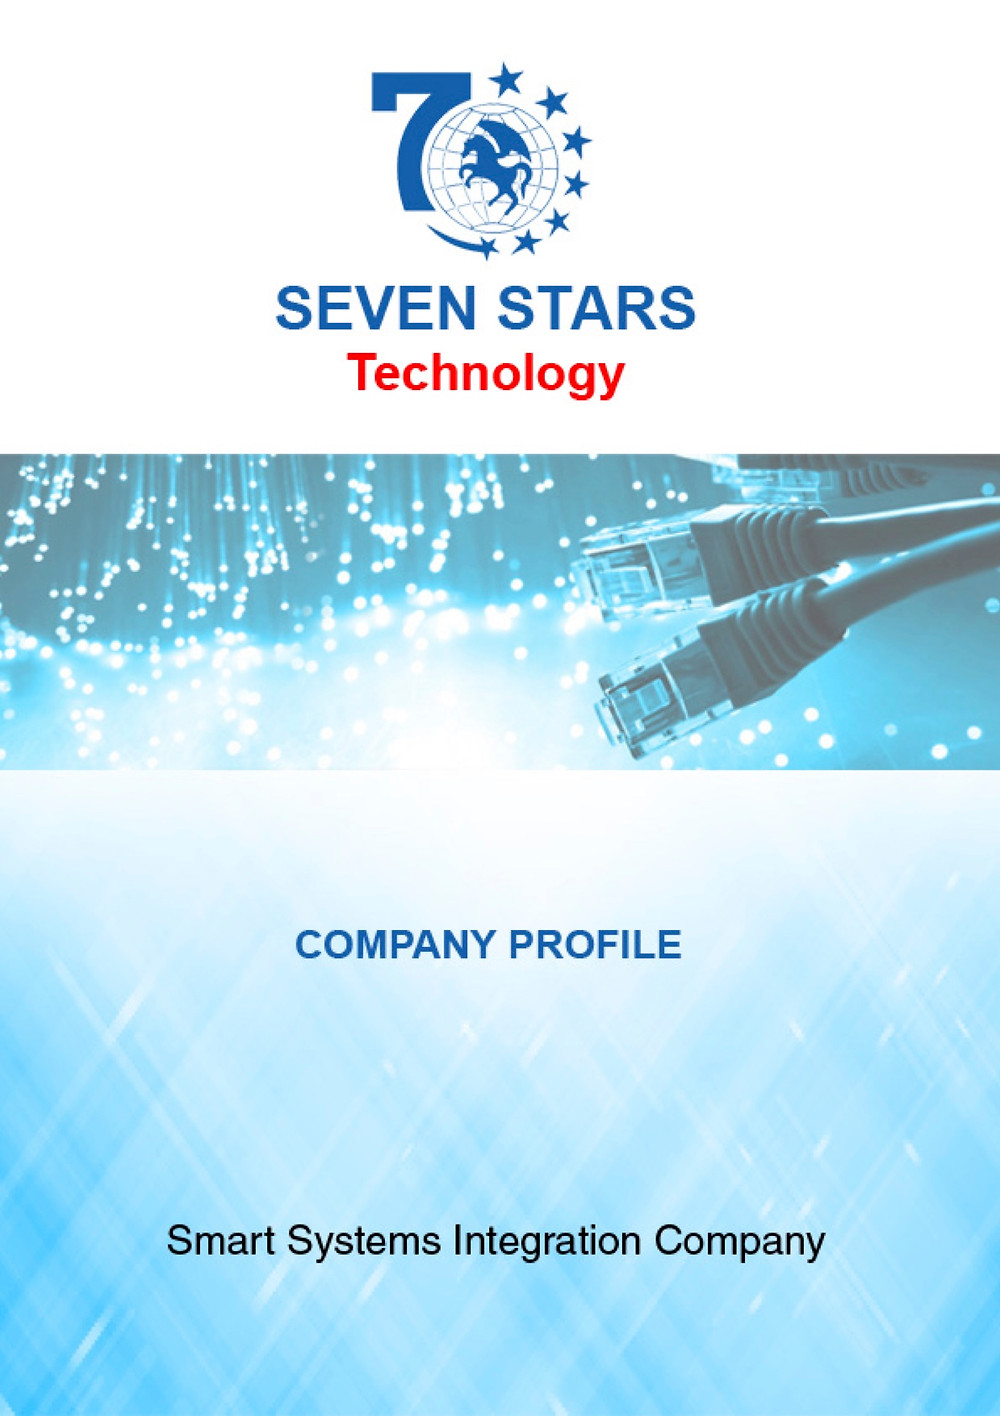 Seven Stars Technology Broucher